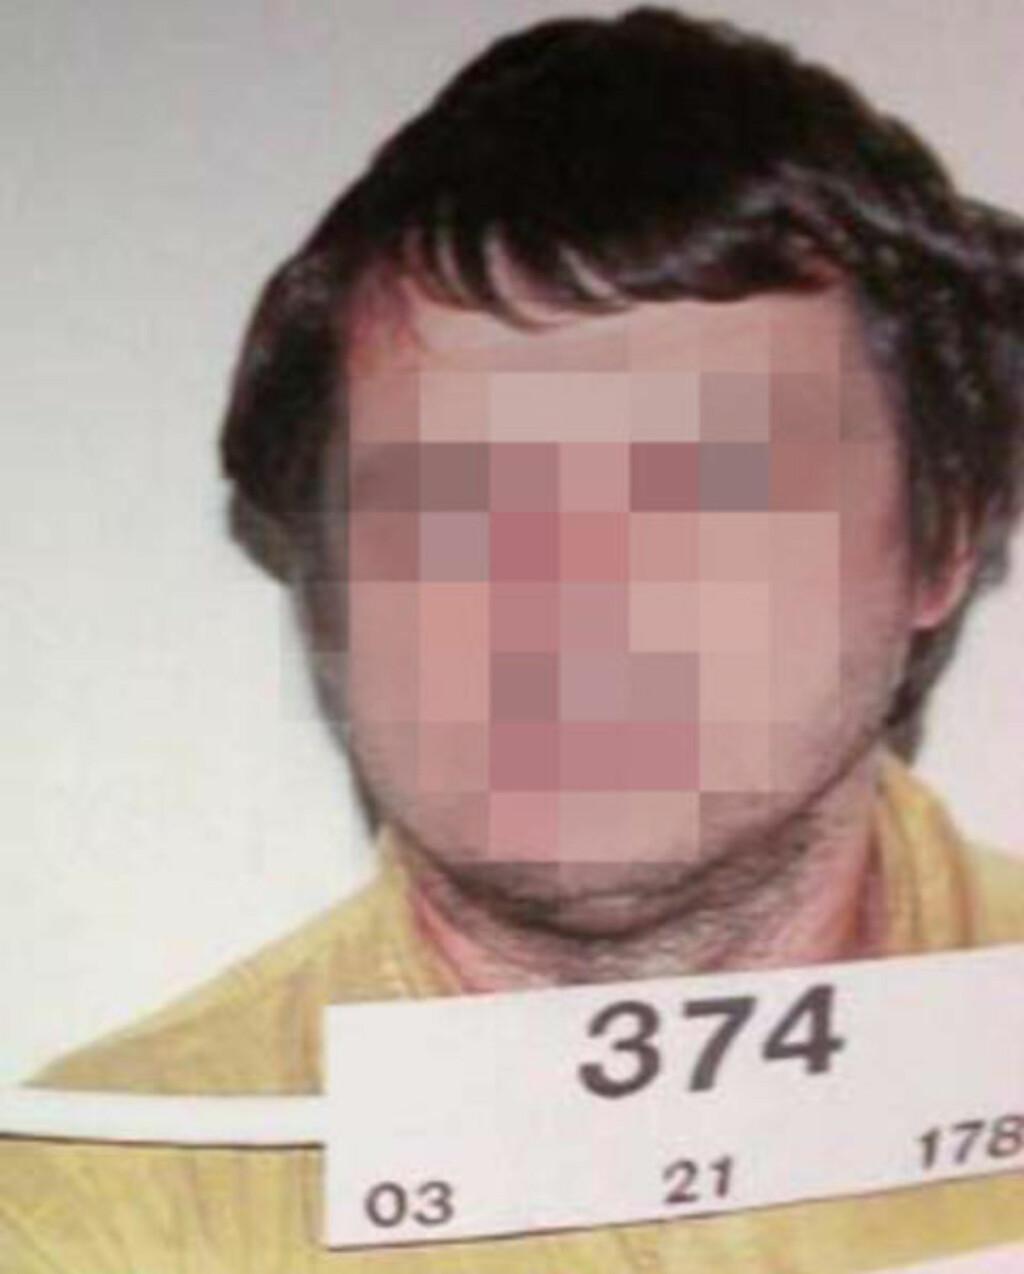 I FENGSEL: 45-åringen som er arrestert i Gambia, mistenkt for pedofili. Foto: Politiet